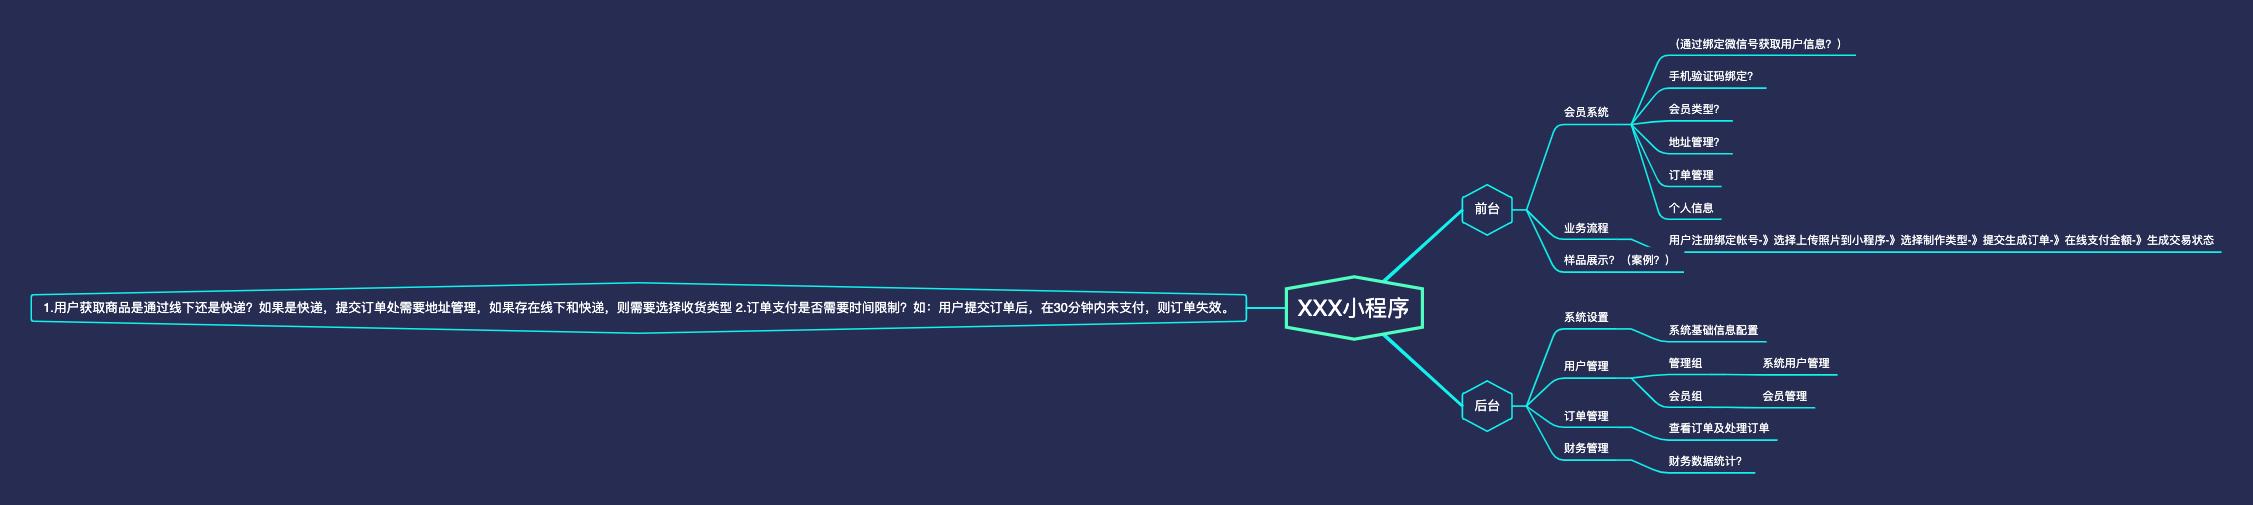 XXX小程序